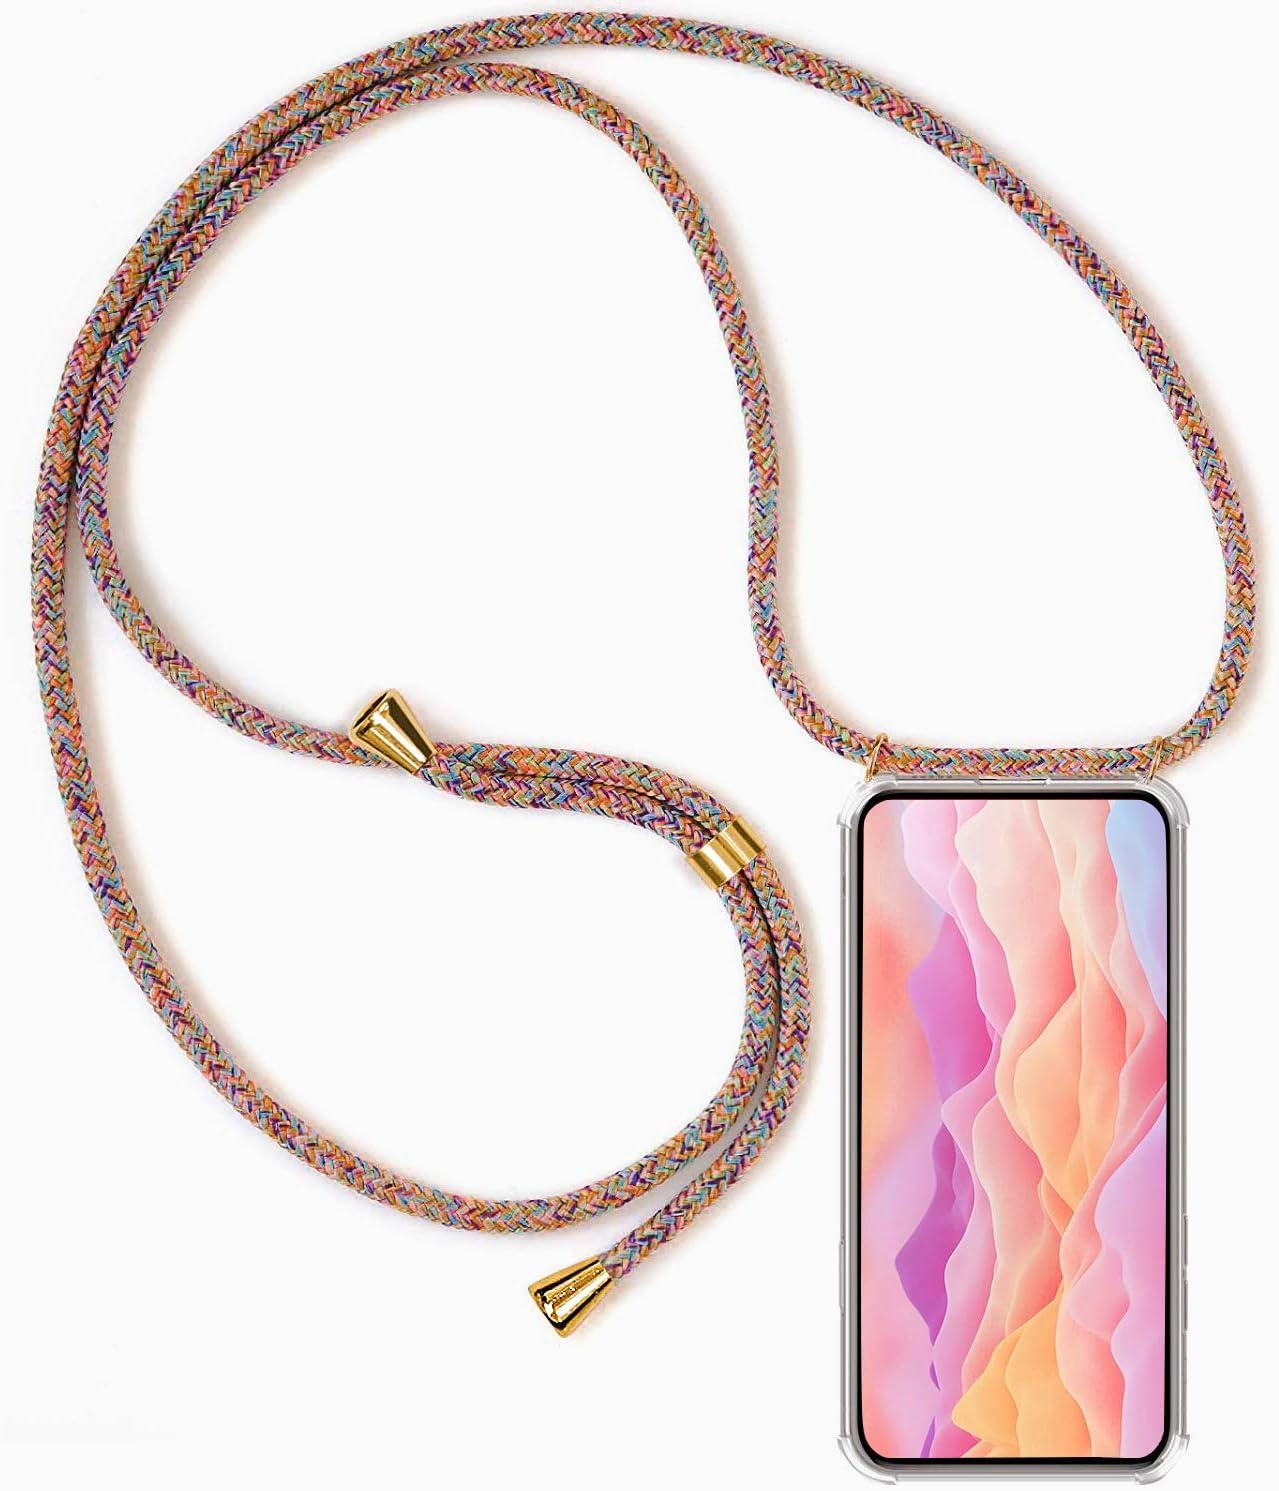 Xiaomi Mi 8 Carcasa Transparente TPU Suave Silicona Case con Correa Colgante Ajustable Collar Correa de Cuello Cadena Cord/ón Anti-Choque Funda para Xiaomi Mi 8 con Cuerda Blanco